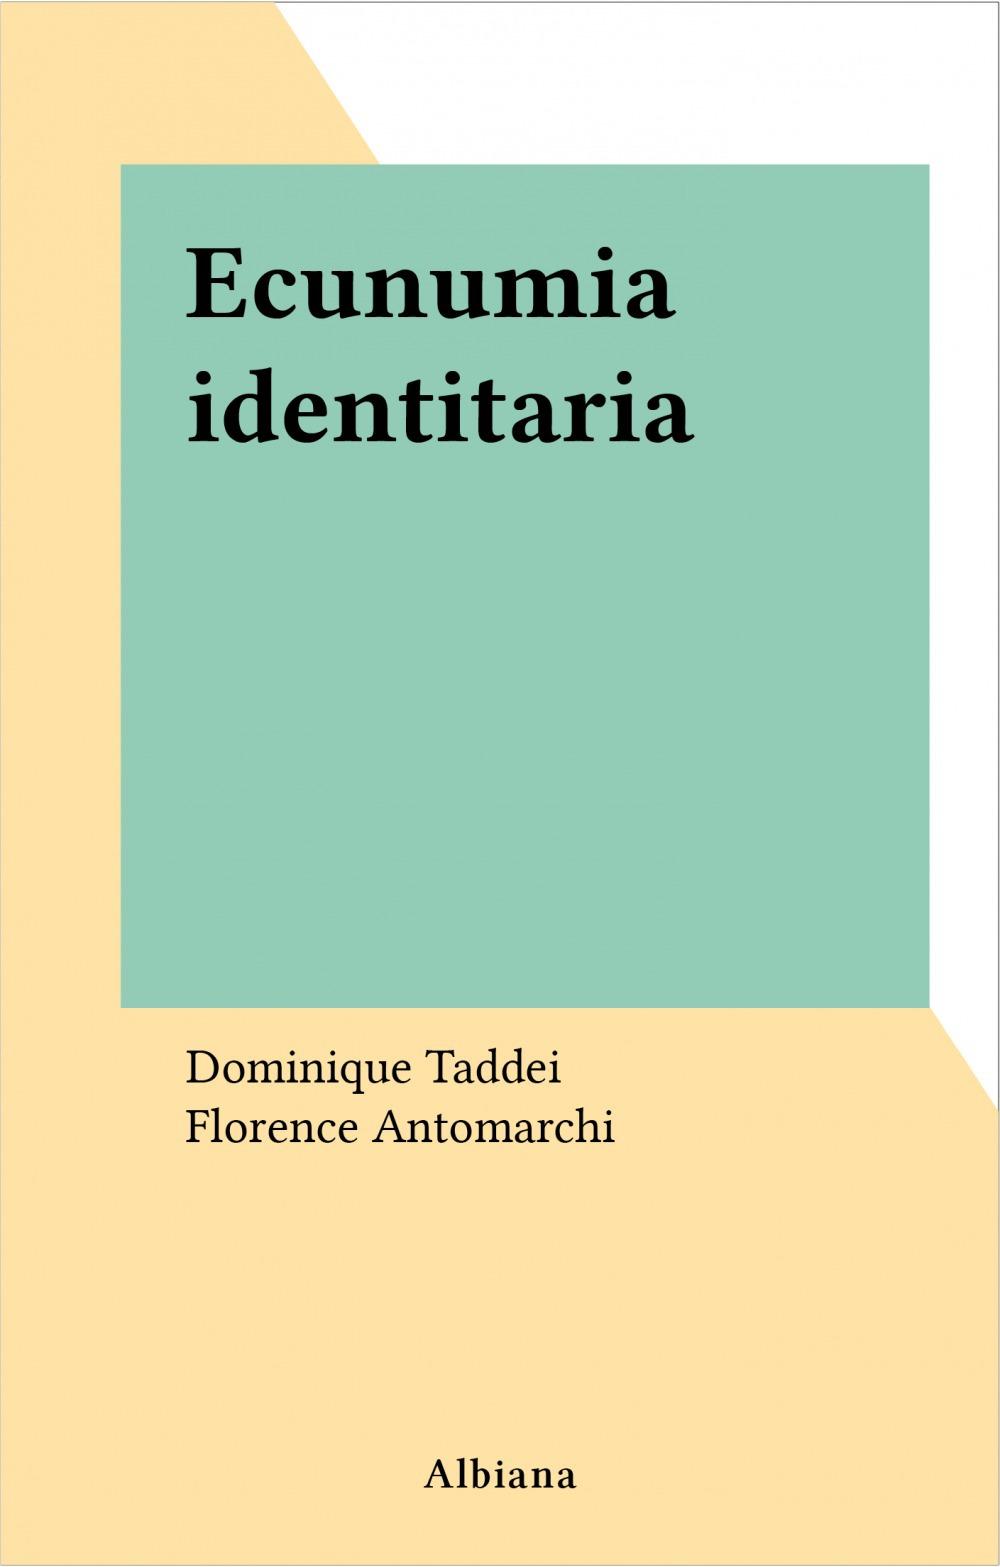 Ecunumia identitaria